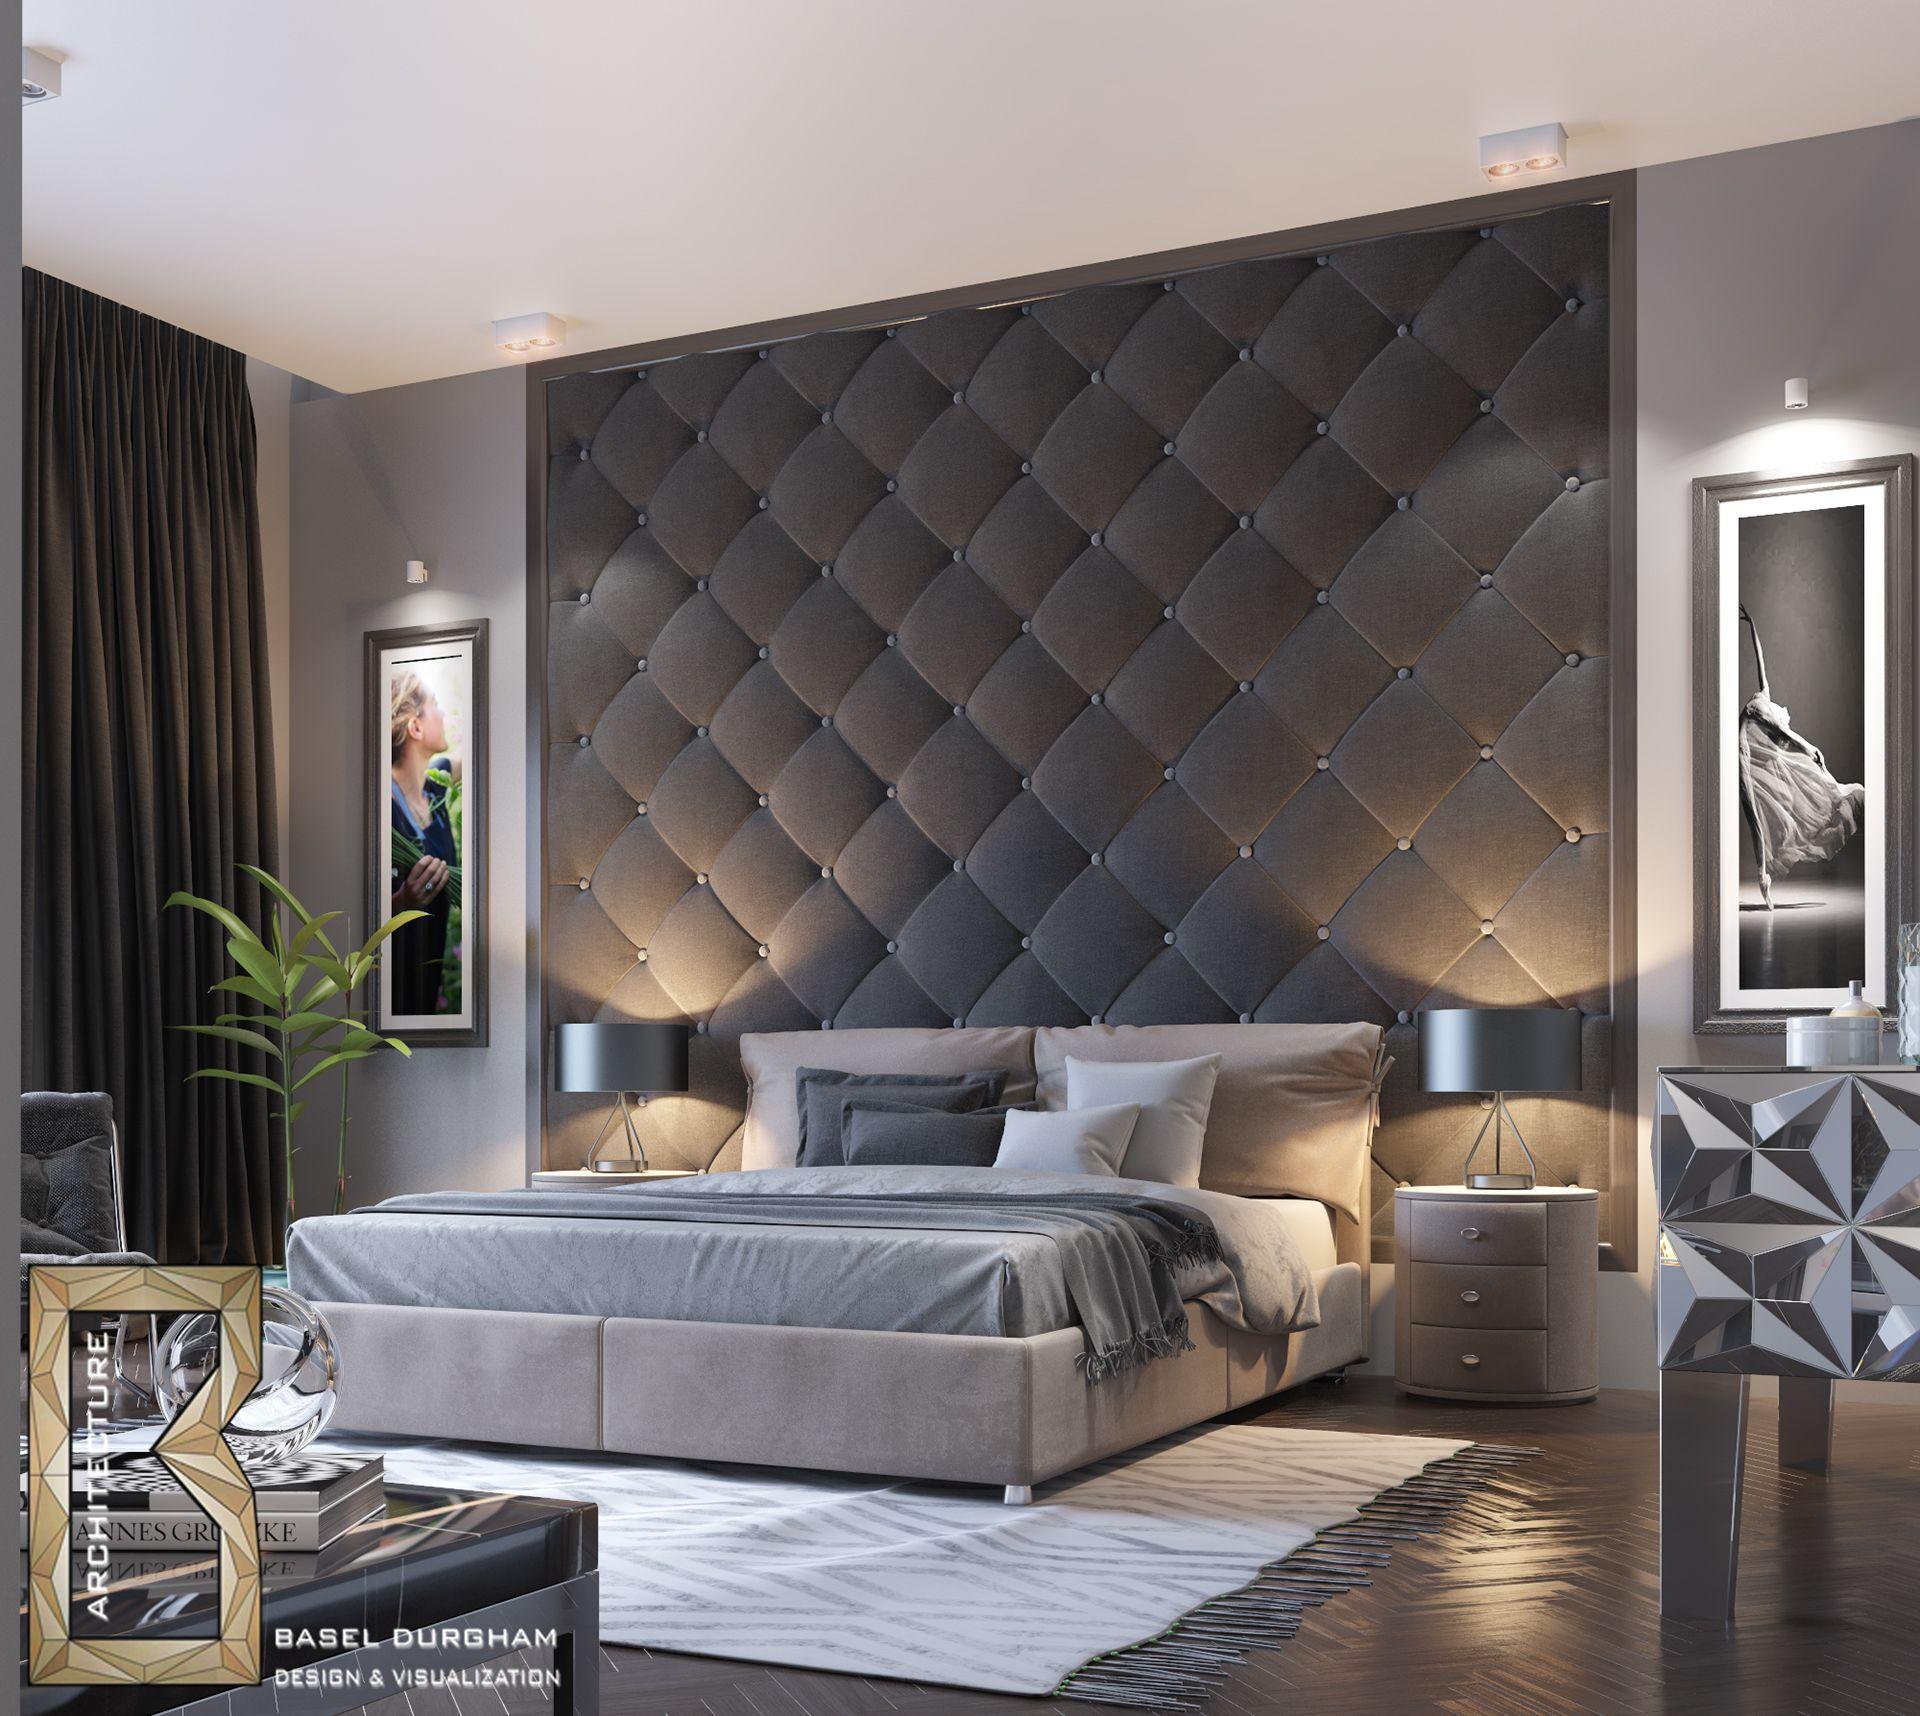 Bedroom Ceiling Designs In Pakistan Navy Blue Bedroom Accessories Bedroom Interior Kerala Style Bedroom Ceiling Going Black: Modern Bedroom On Behance